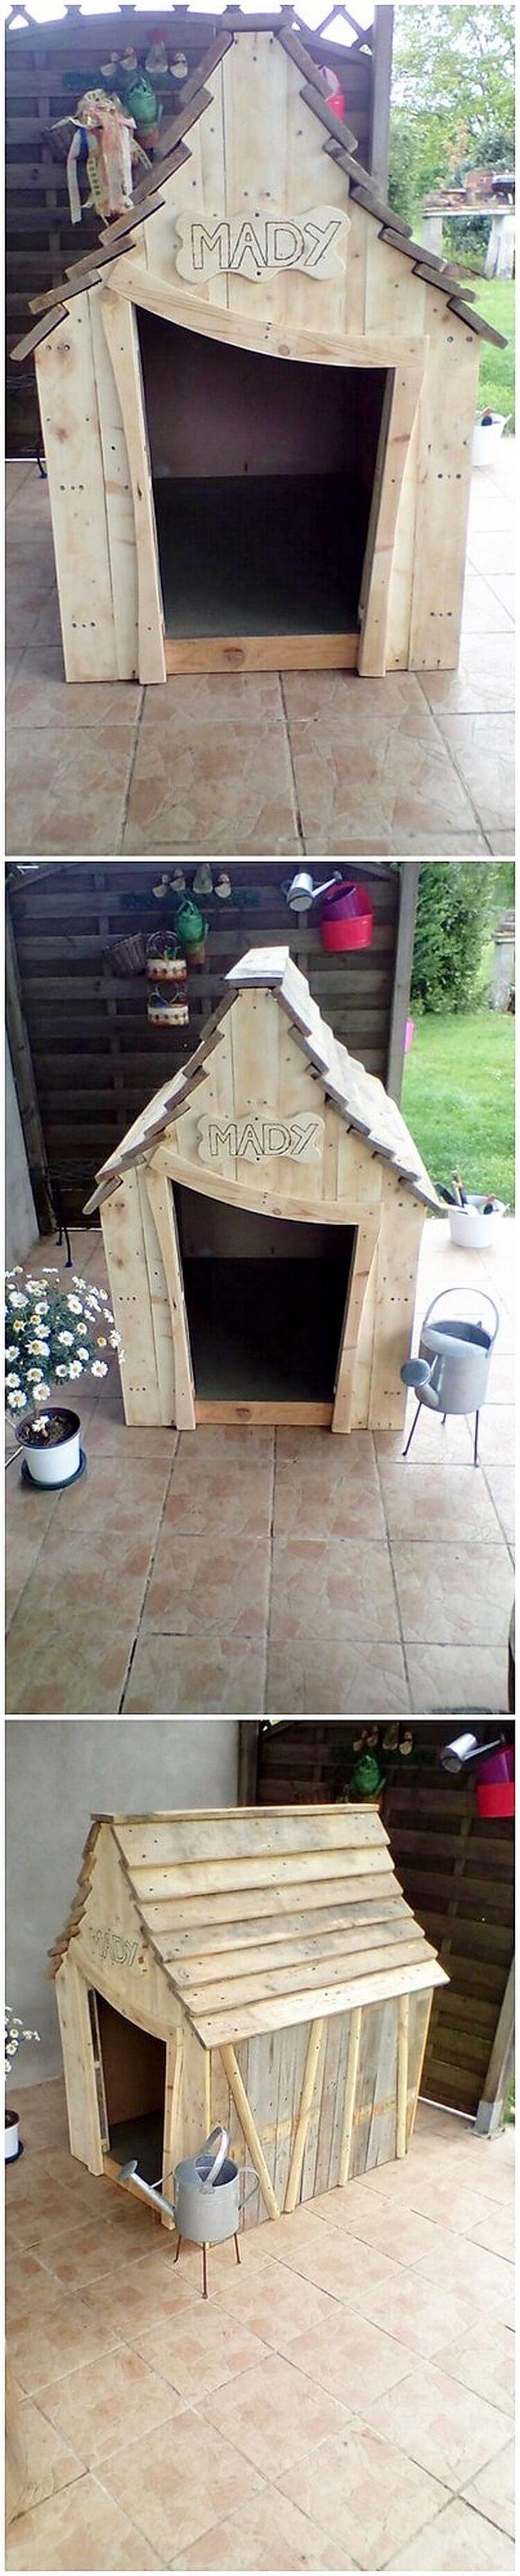 Wood Pallet Pet House